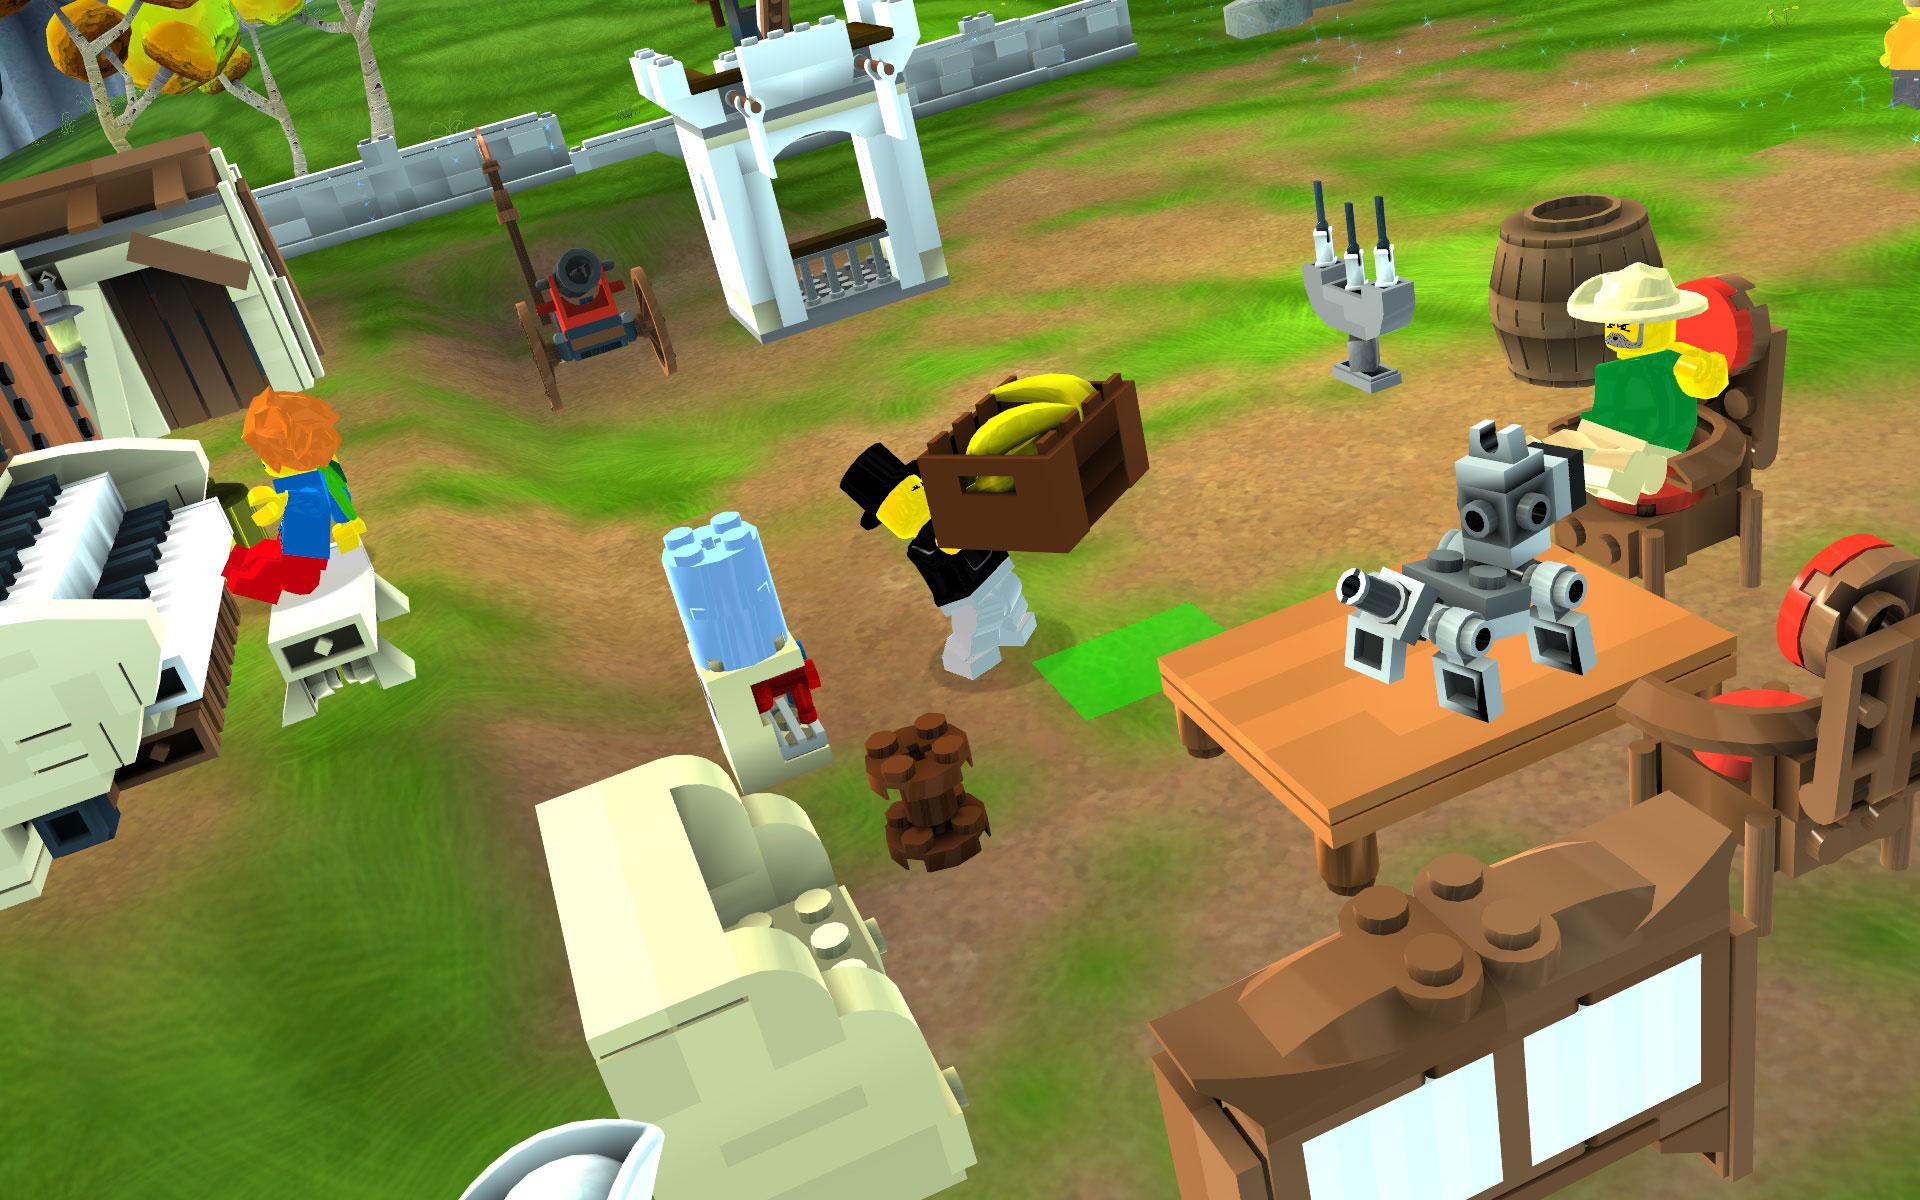 Lego Blokje Maken Maken Vind je Lego-blokjes